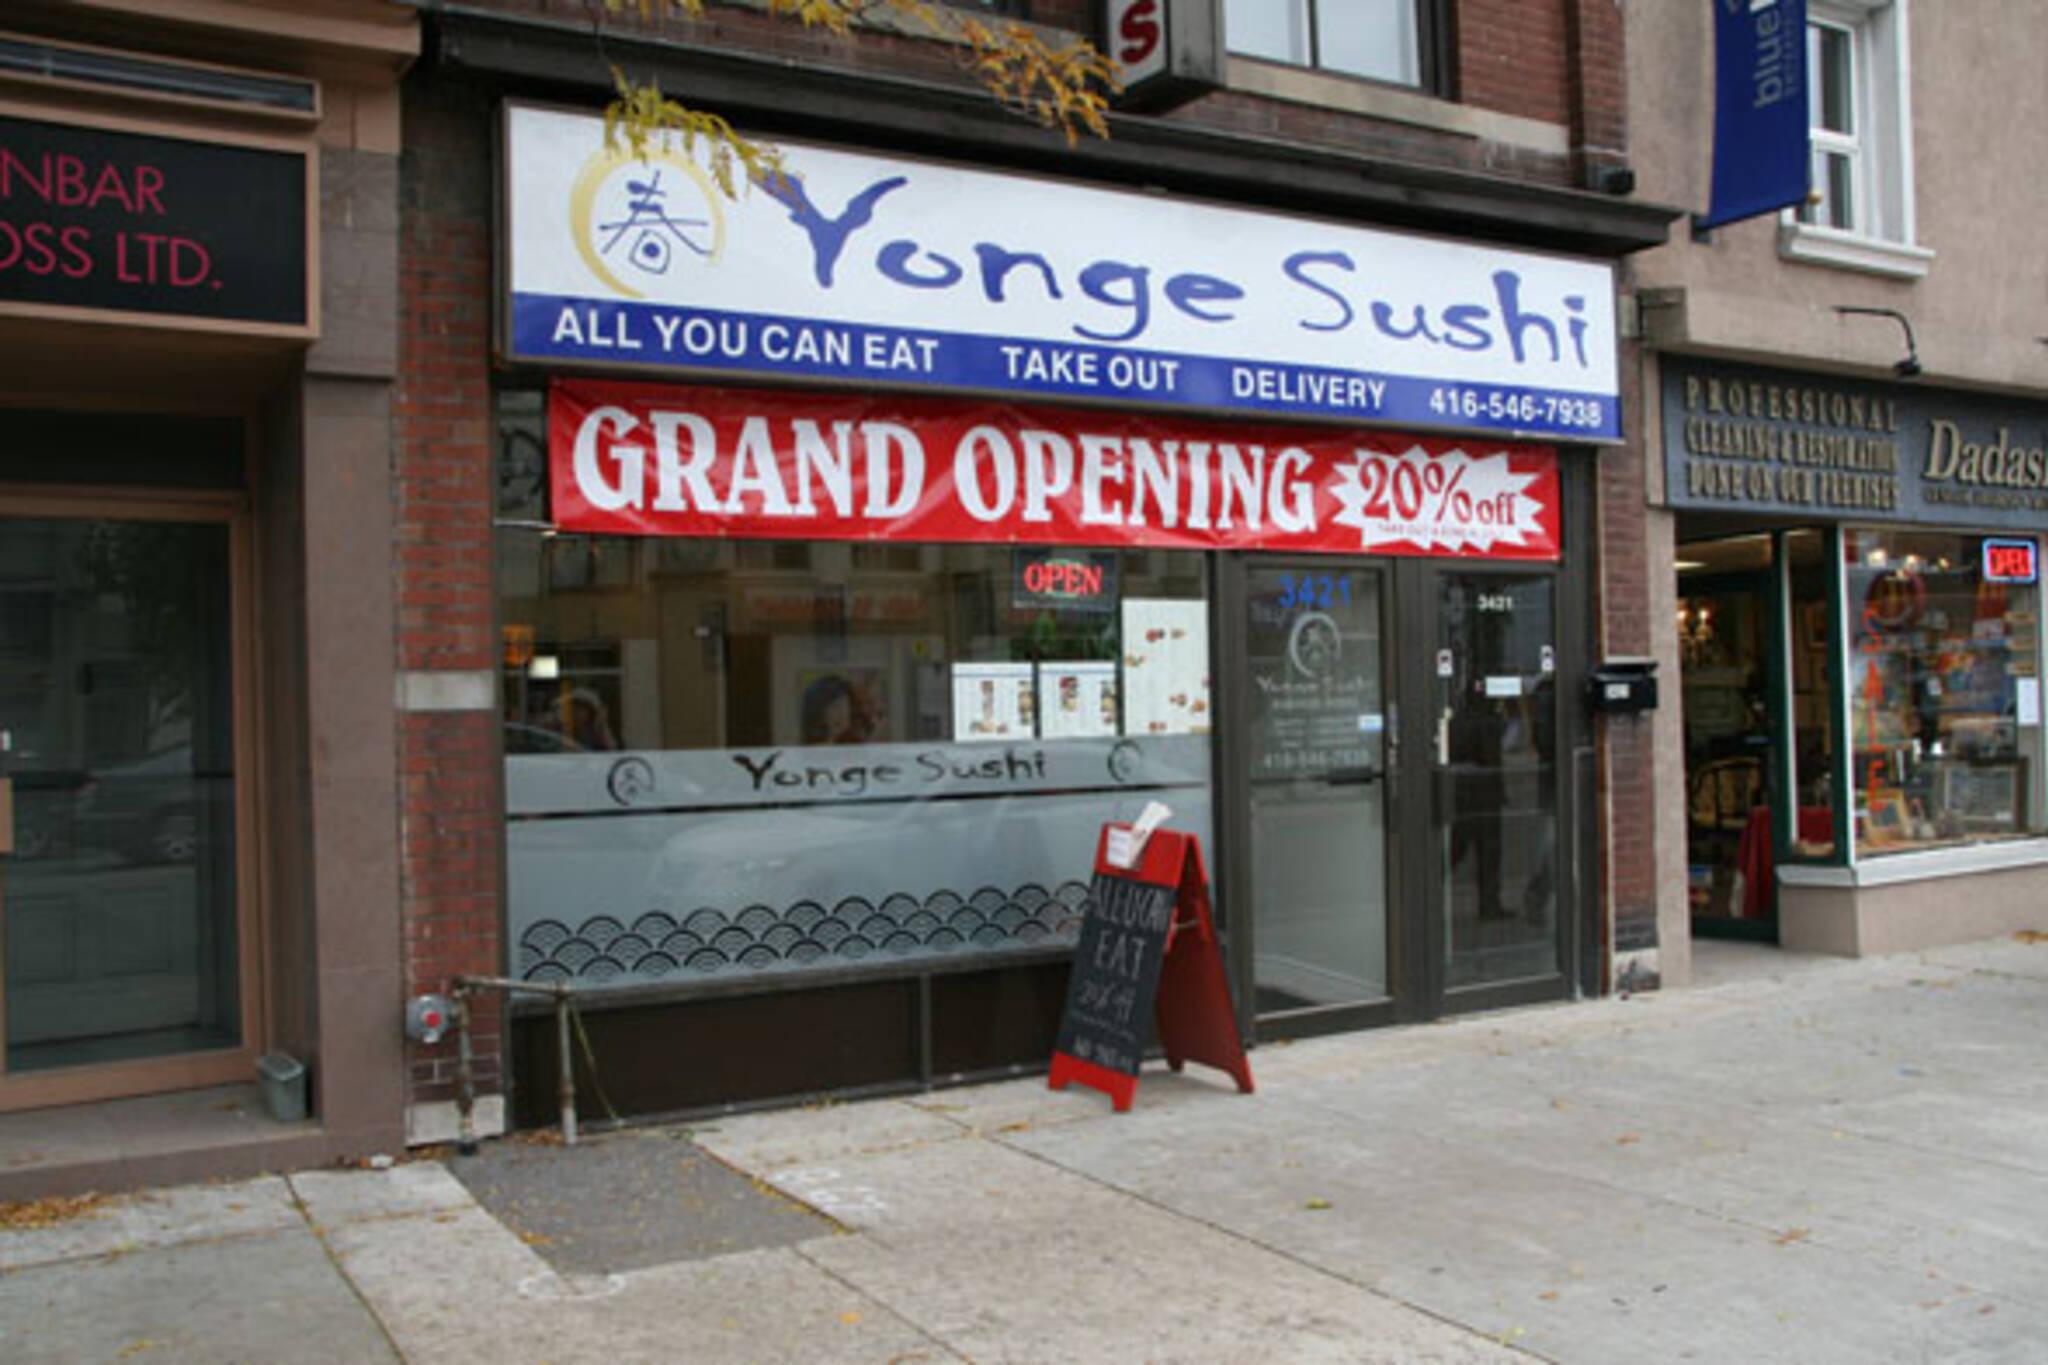 Yonge Sushi Toronto